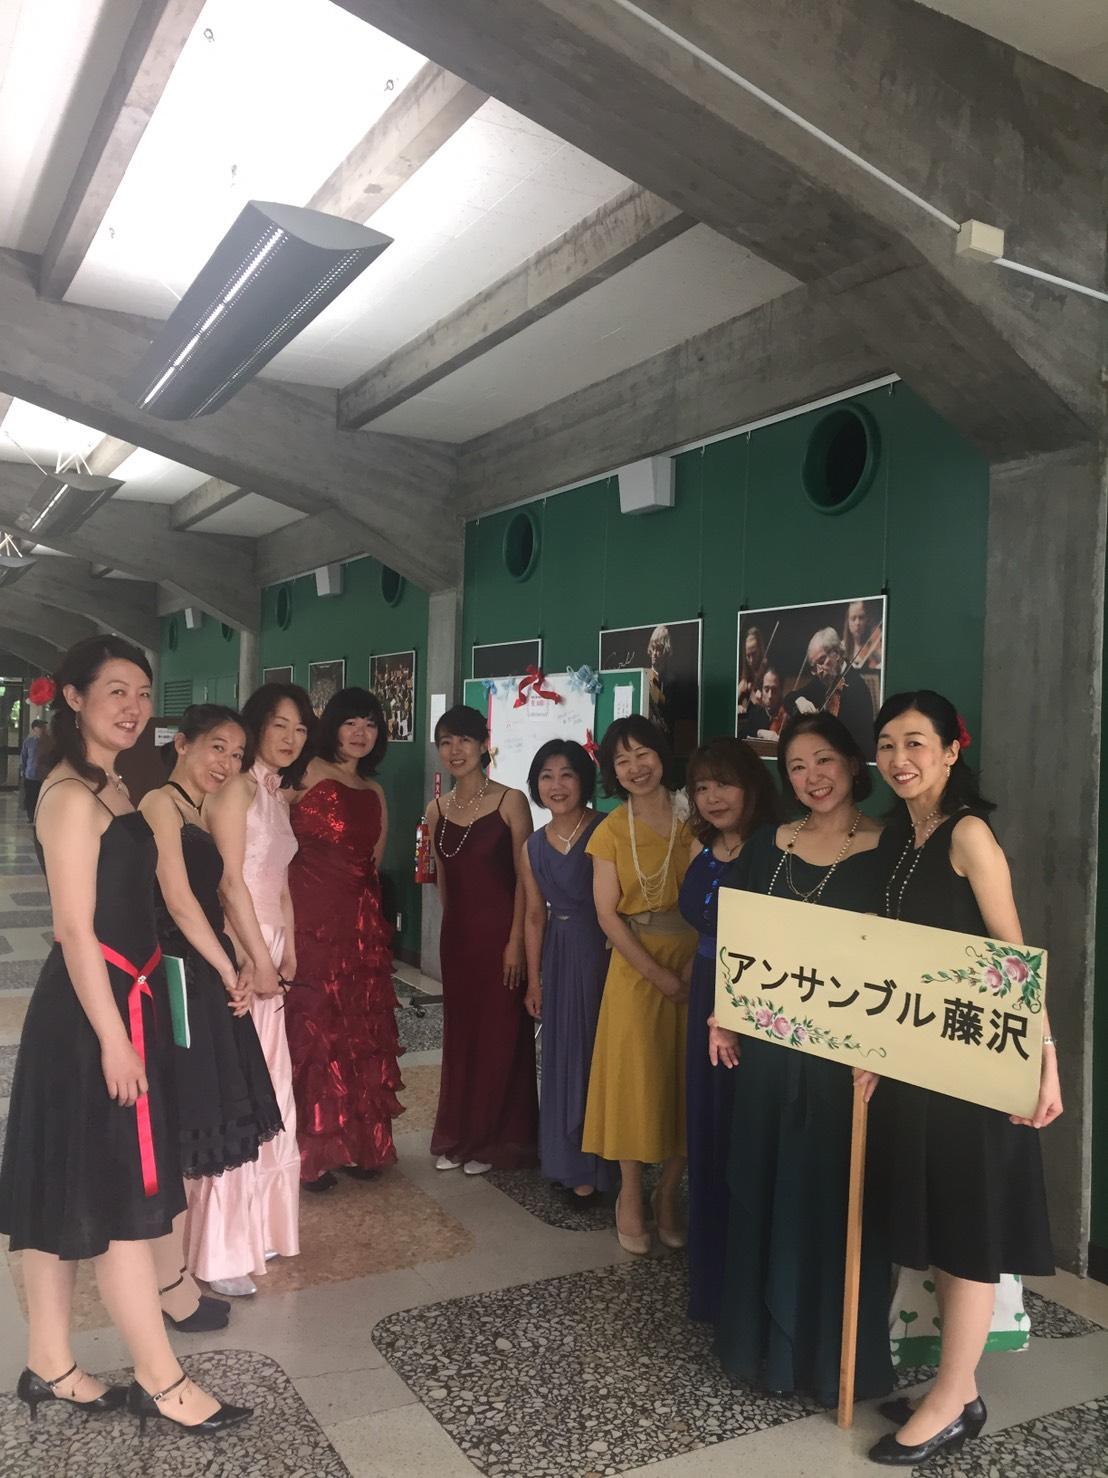 17年神奈川県合唱祭こんな衣装で